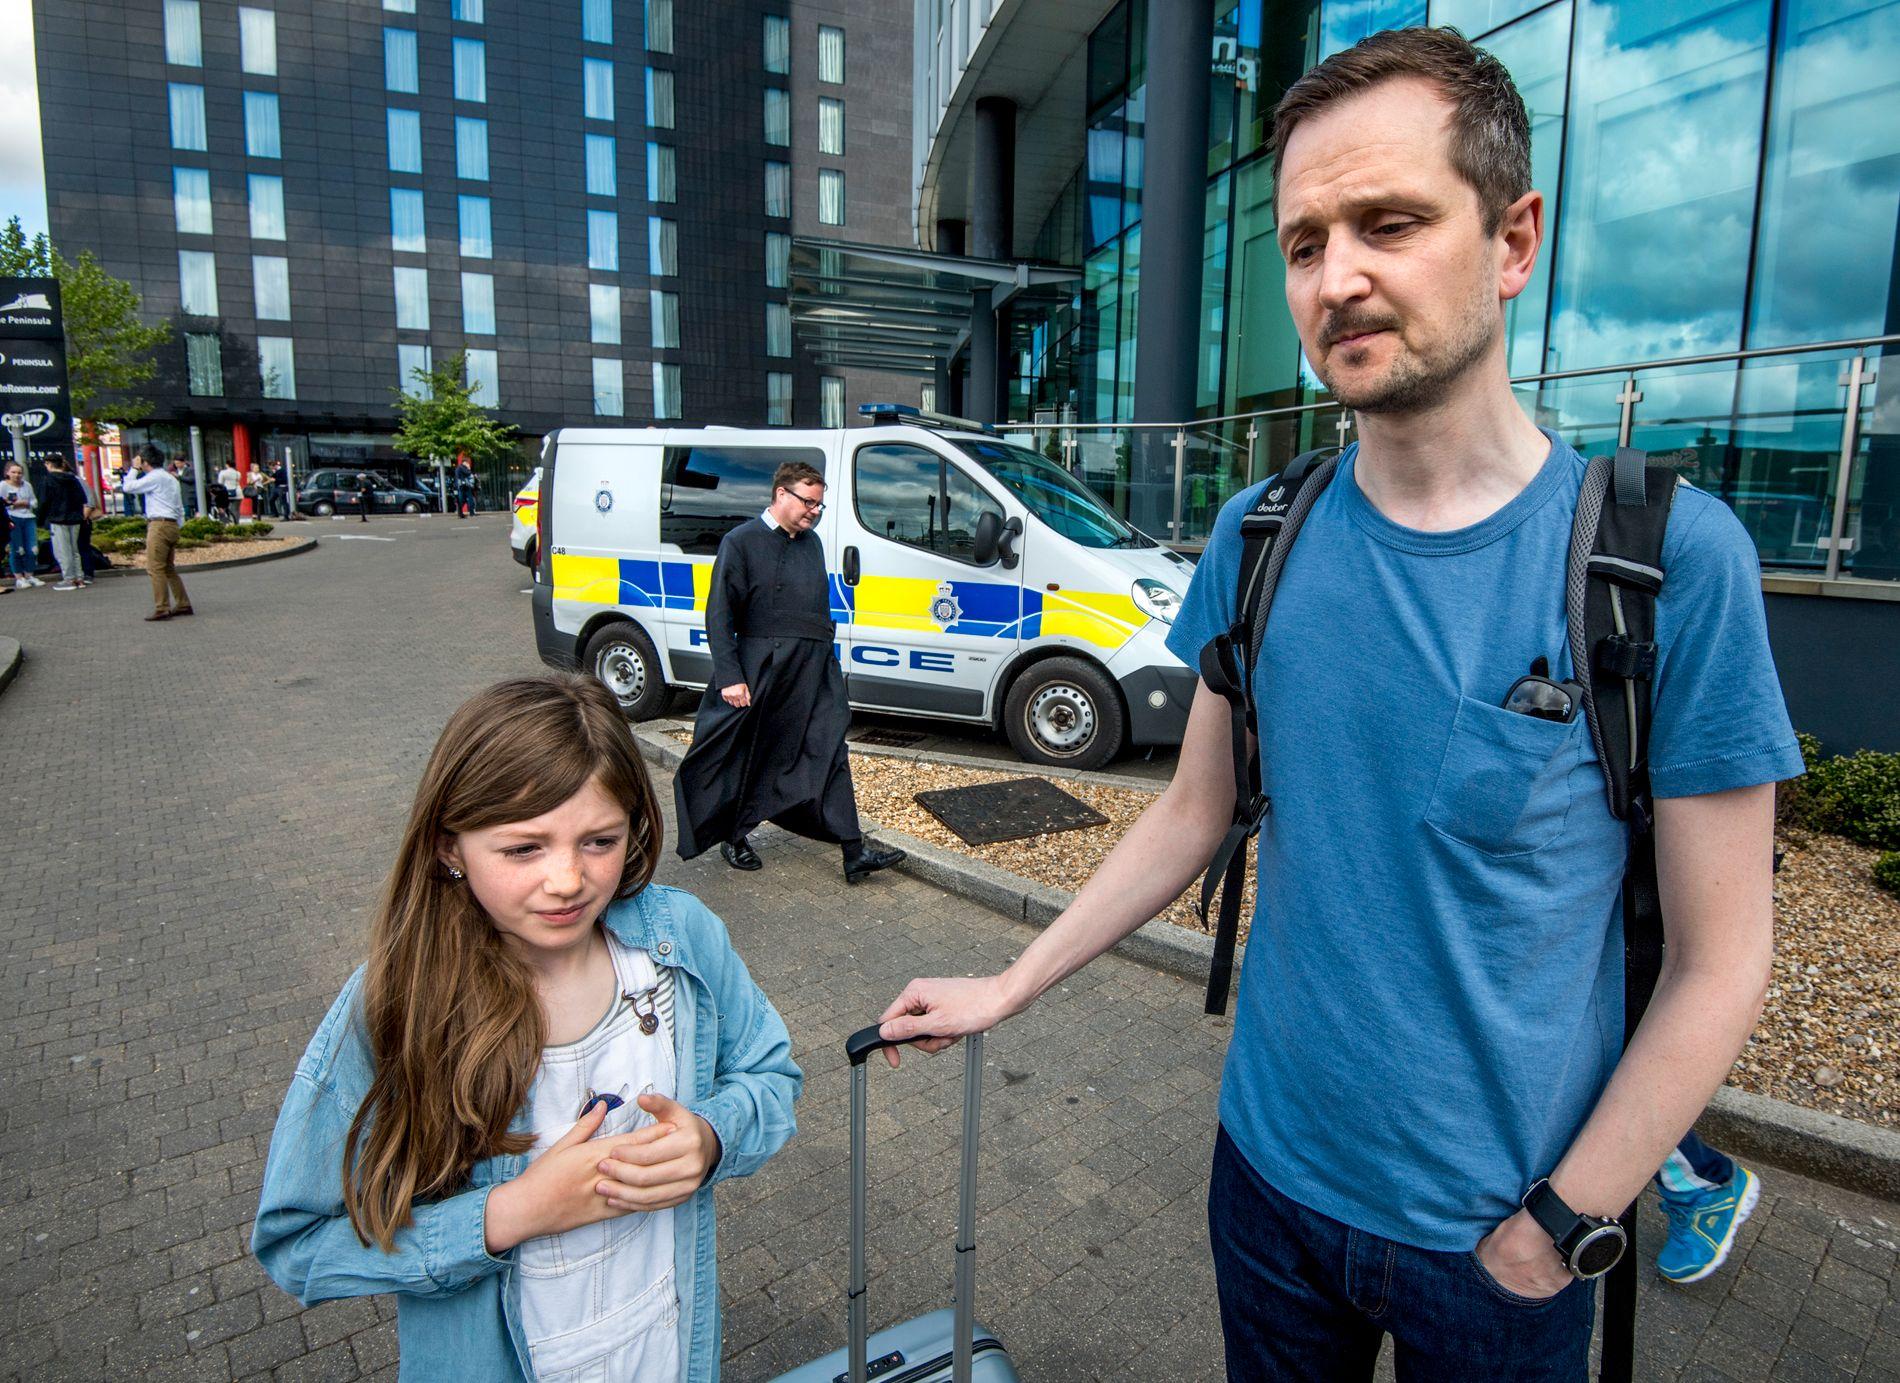 OVERLEVDE: – Nå vil vi hjem, sier Khalen (10). Bak henne og faren passerer en prest som har bistått konsertgjengerne.